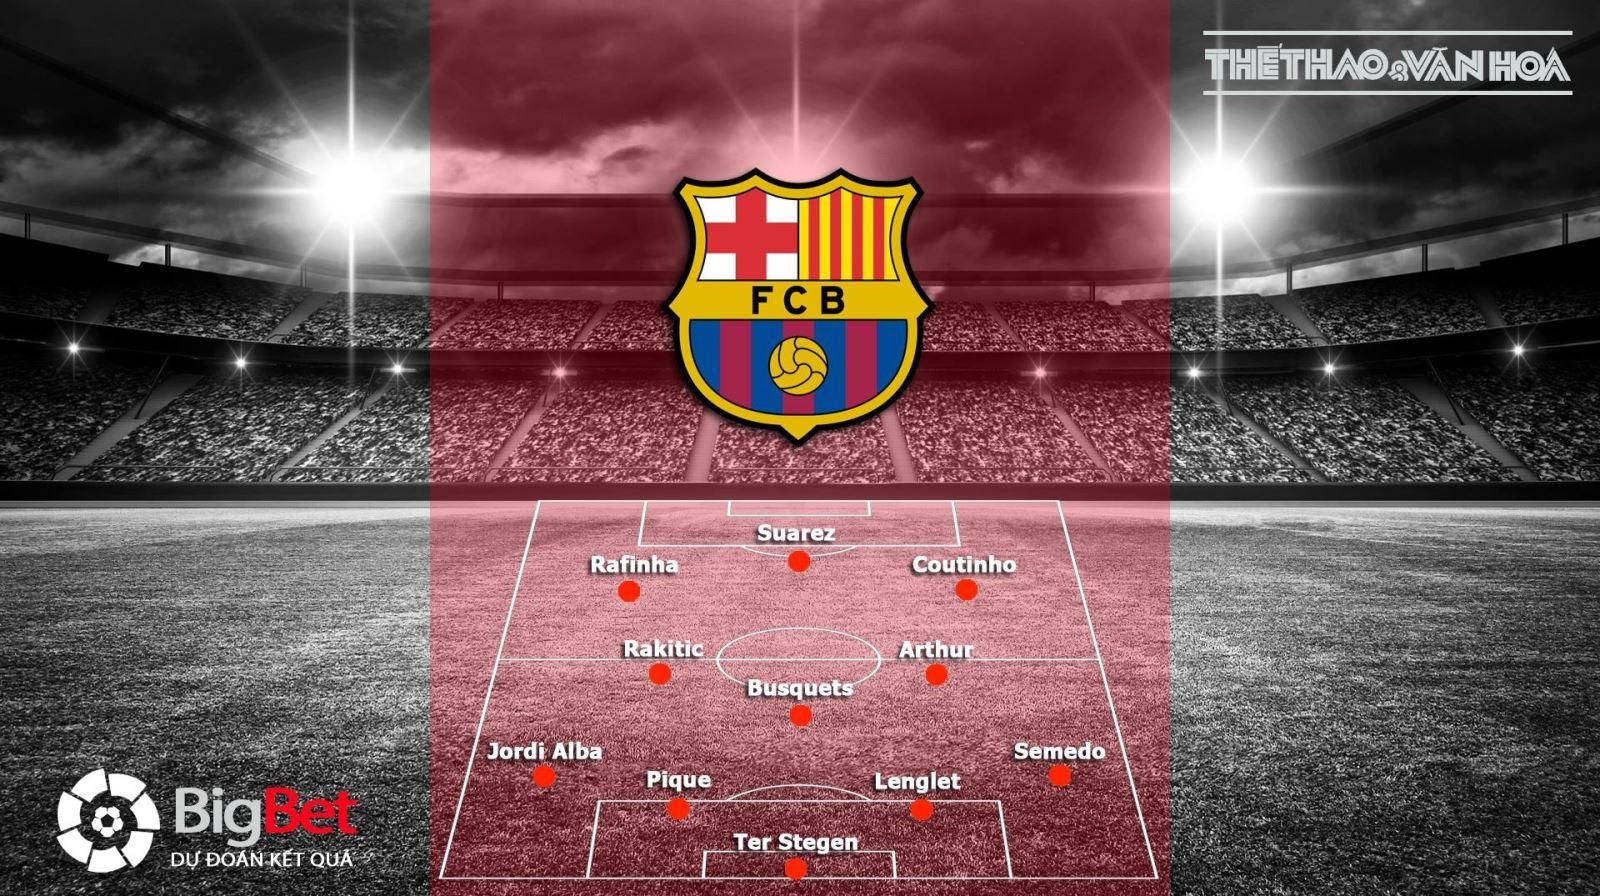 Kèo Barca vs Real, soi kèo Real Madrid vs Barcelona, nhận định Barca vs Real, dự đoán bóng đá, Barca vs Real, Real vs Barca, trực tiếp Barca vs Real, trực tiếp Real Barca